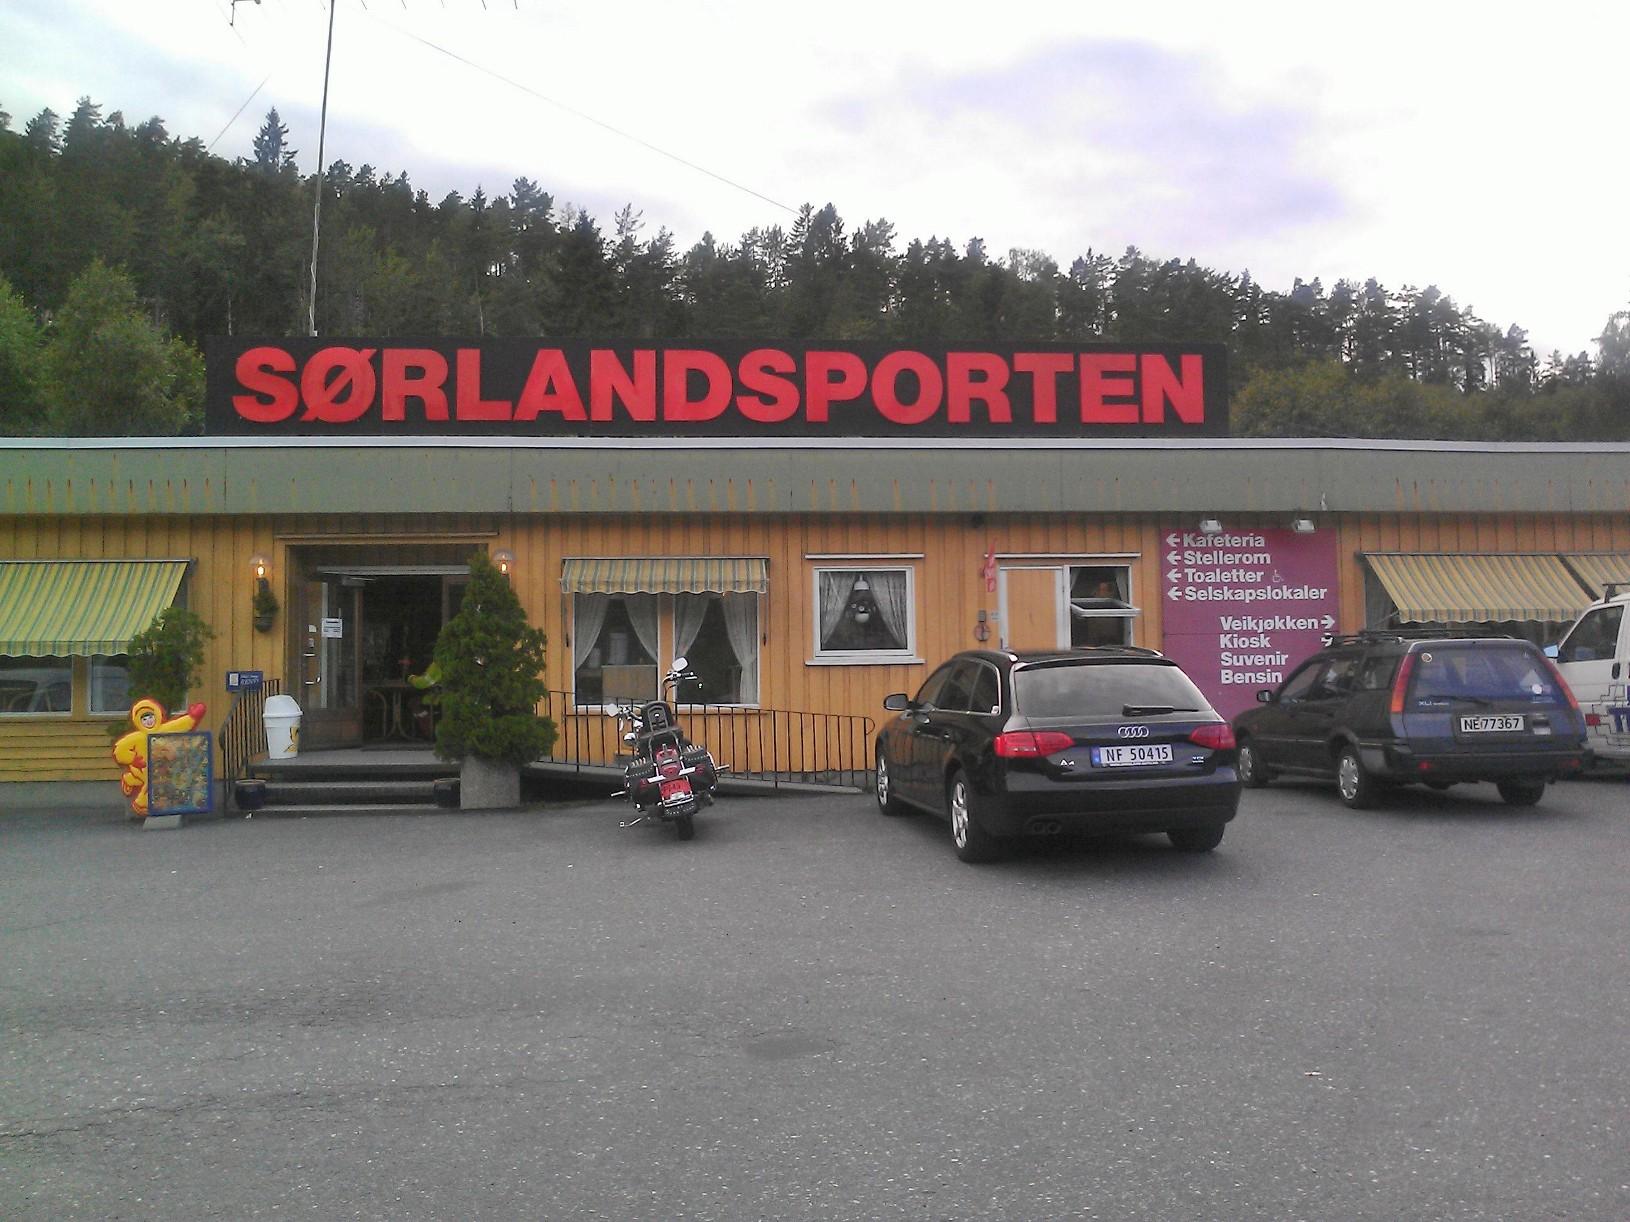 Sørlandsporten